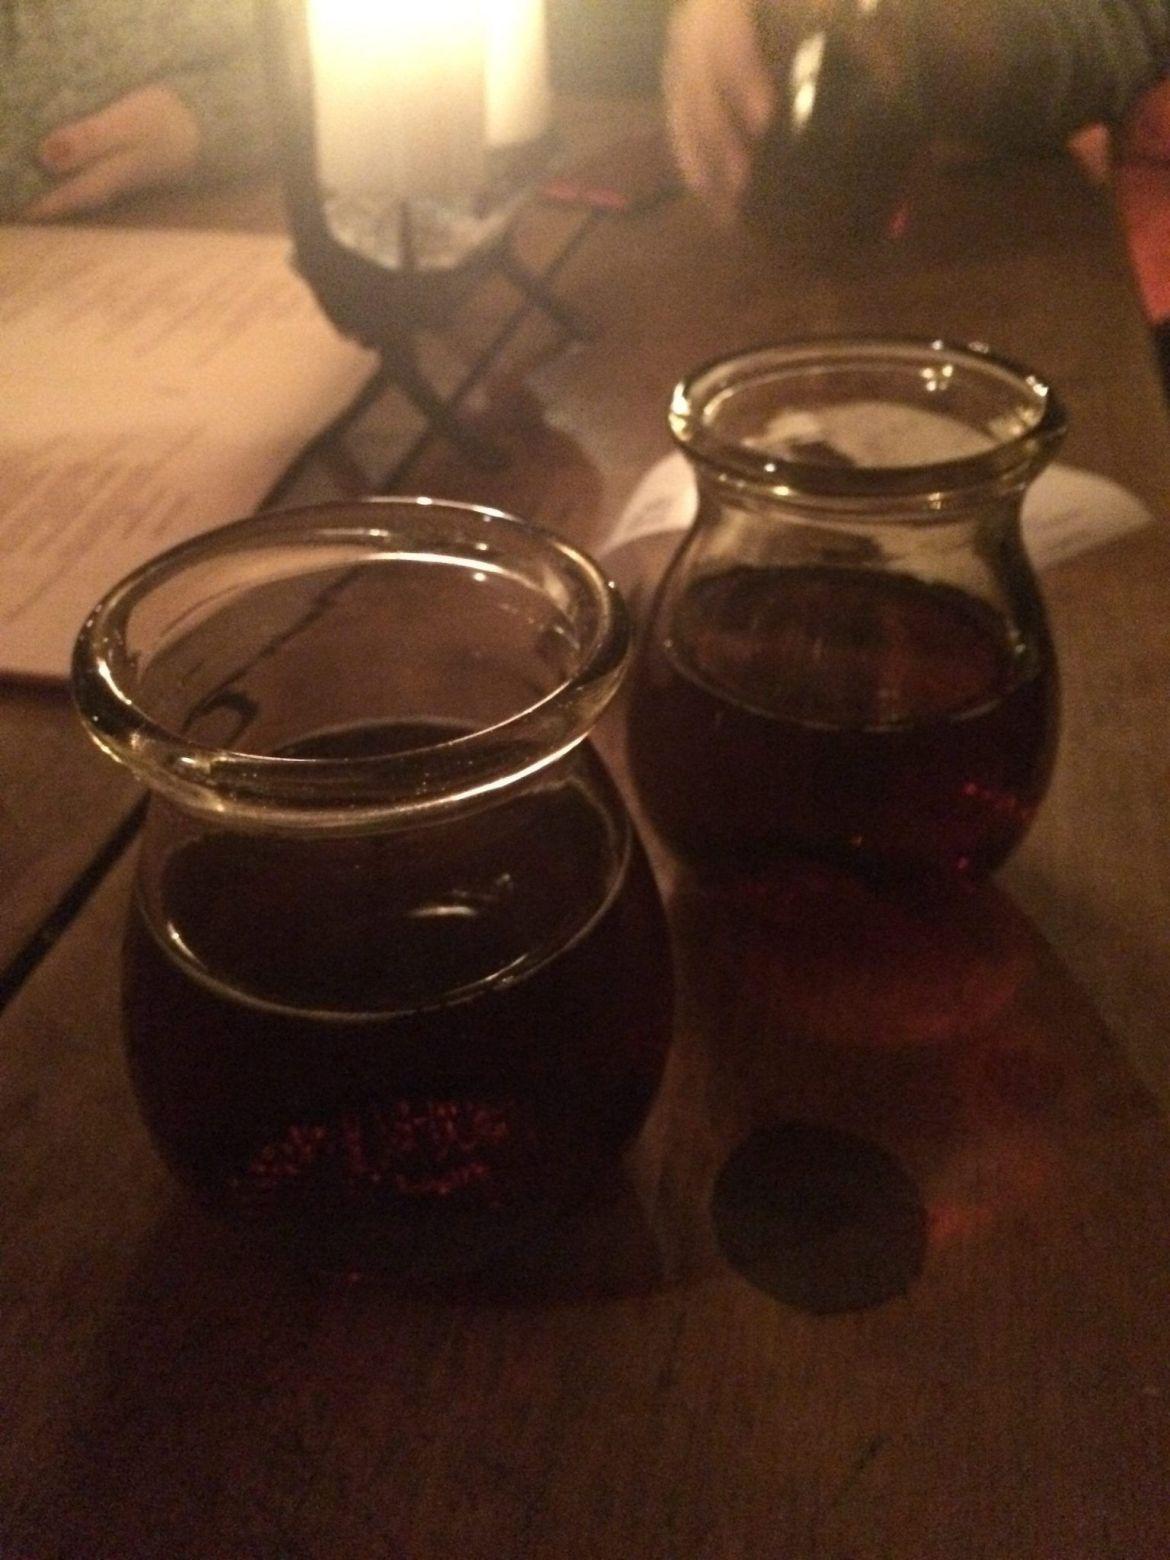 Estocolmo en 4 días: Hidromiel, bebida típica